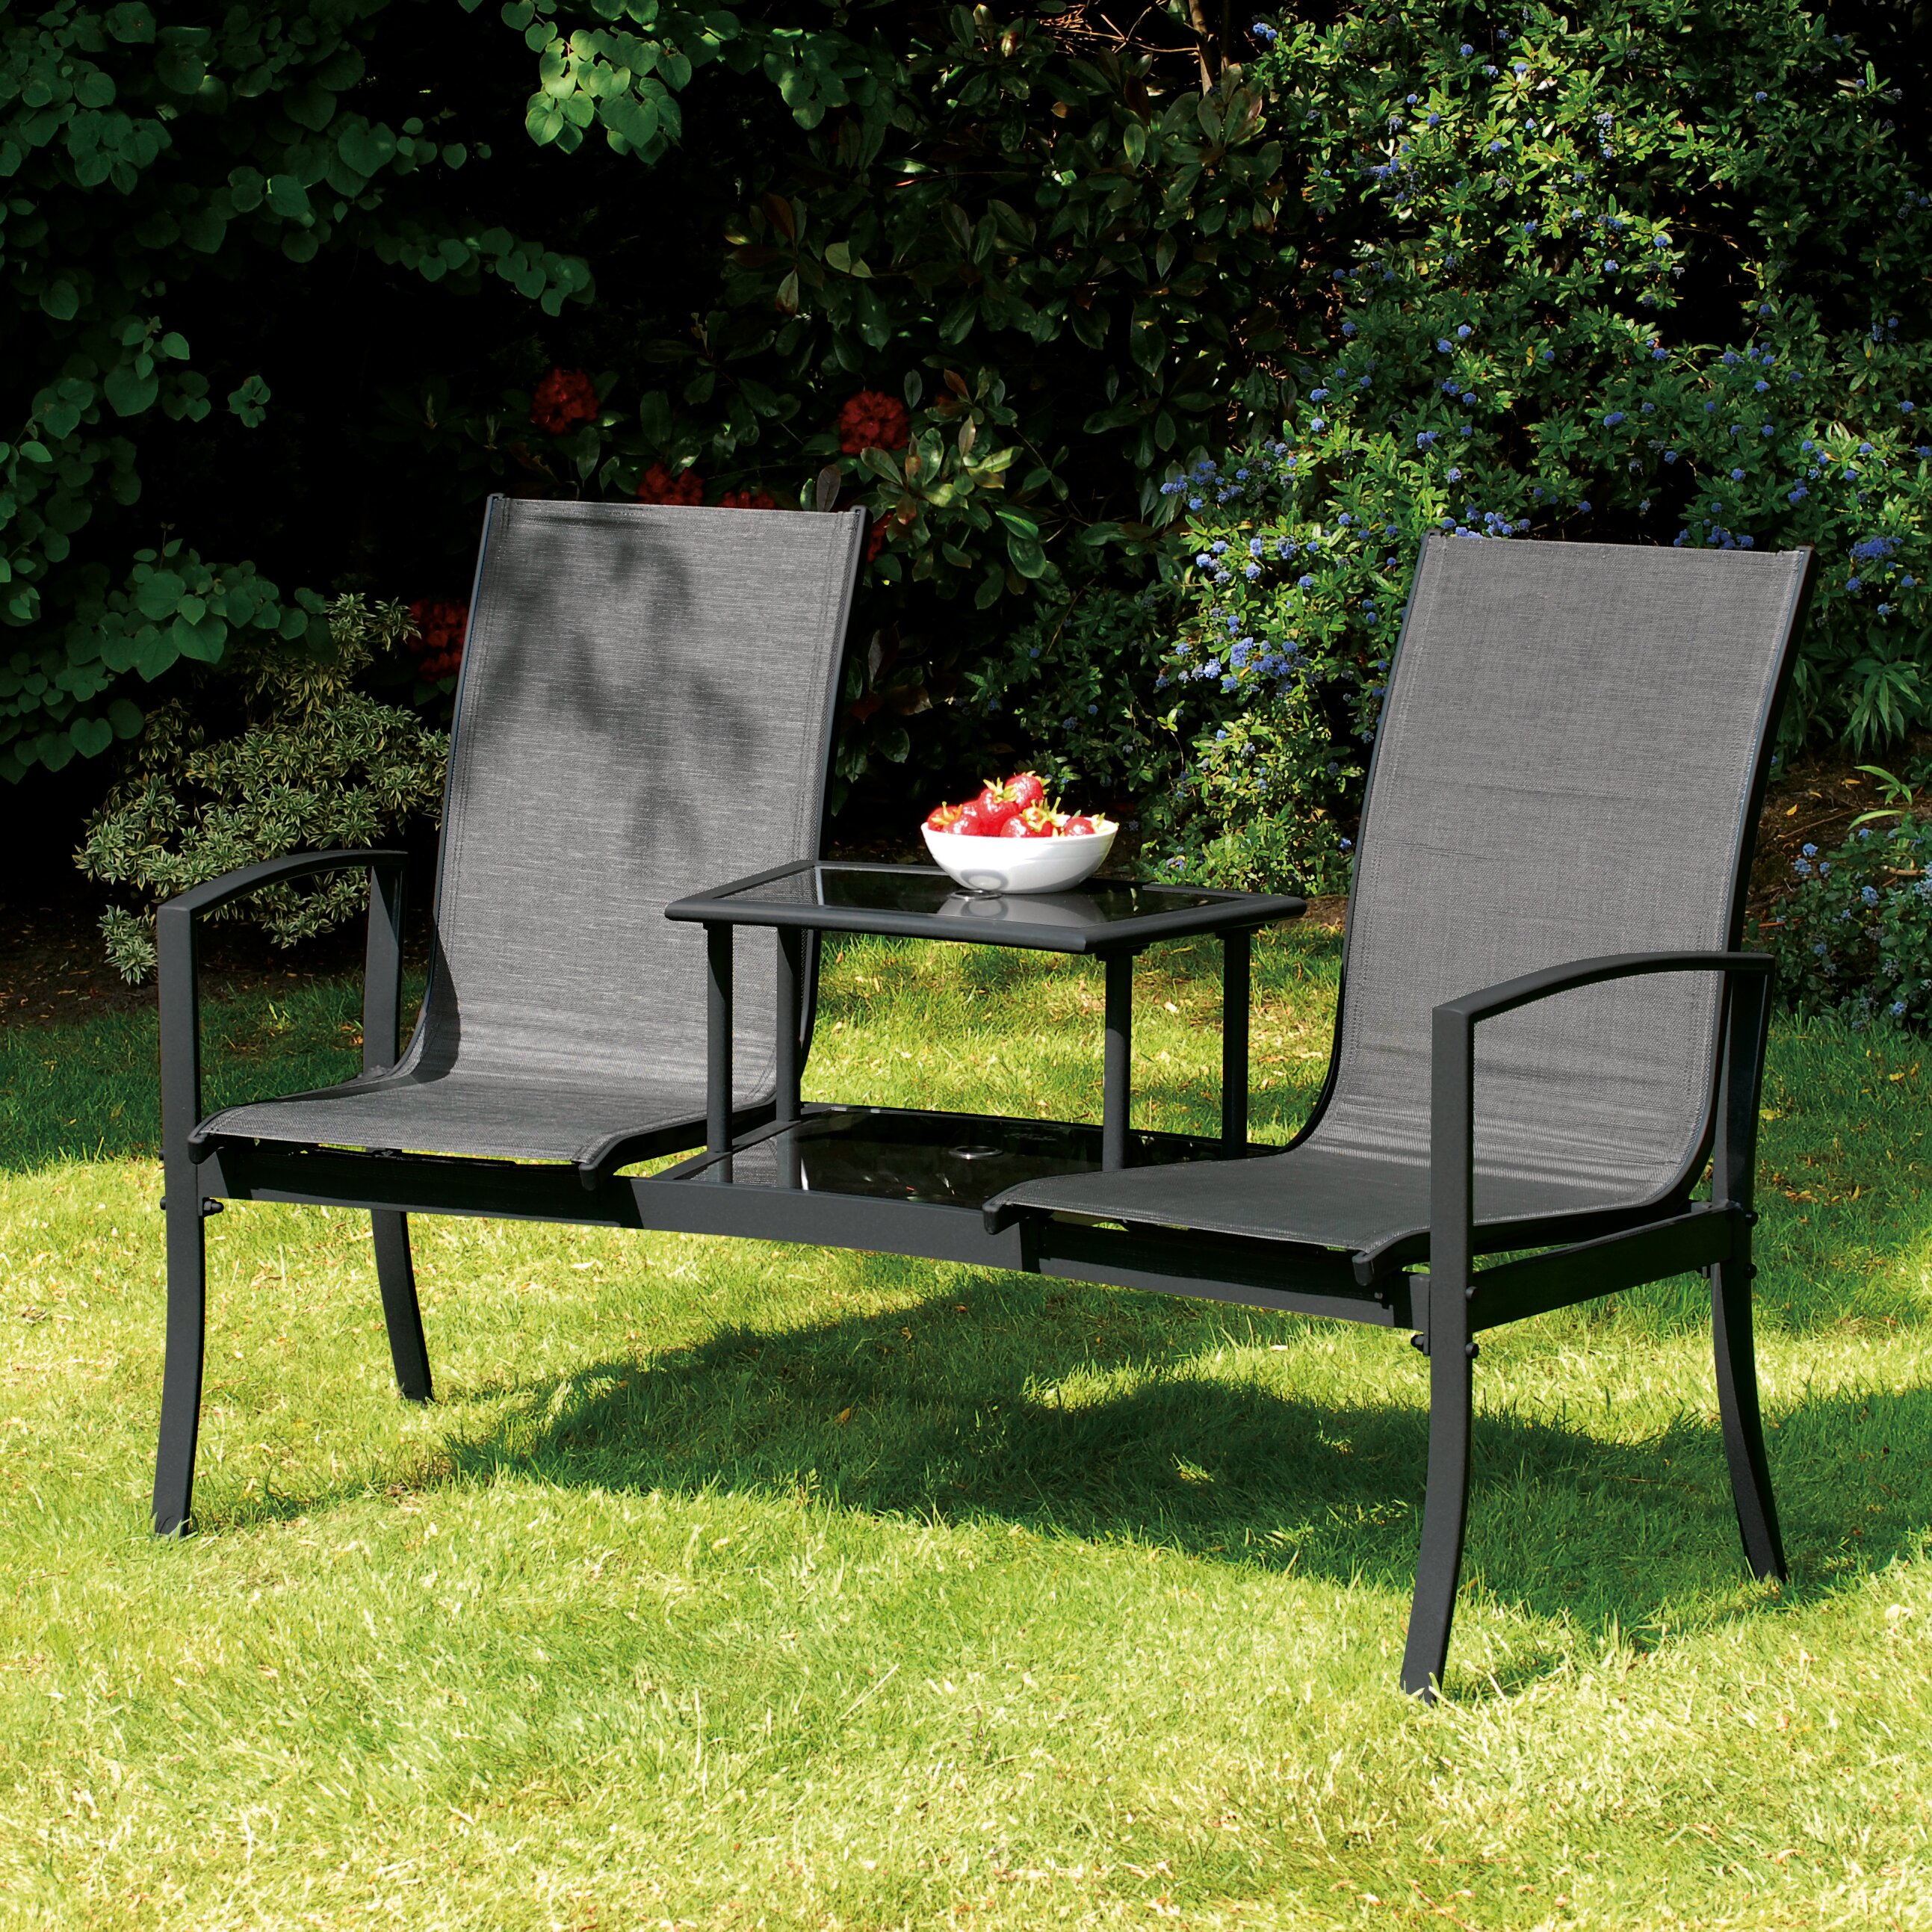 SunTime Outdoor Living Havana Steel Tete-a-Tete Bench ... on Suntime Outdoor Living id=45613